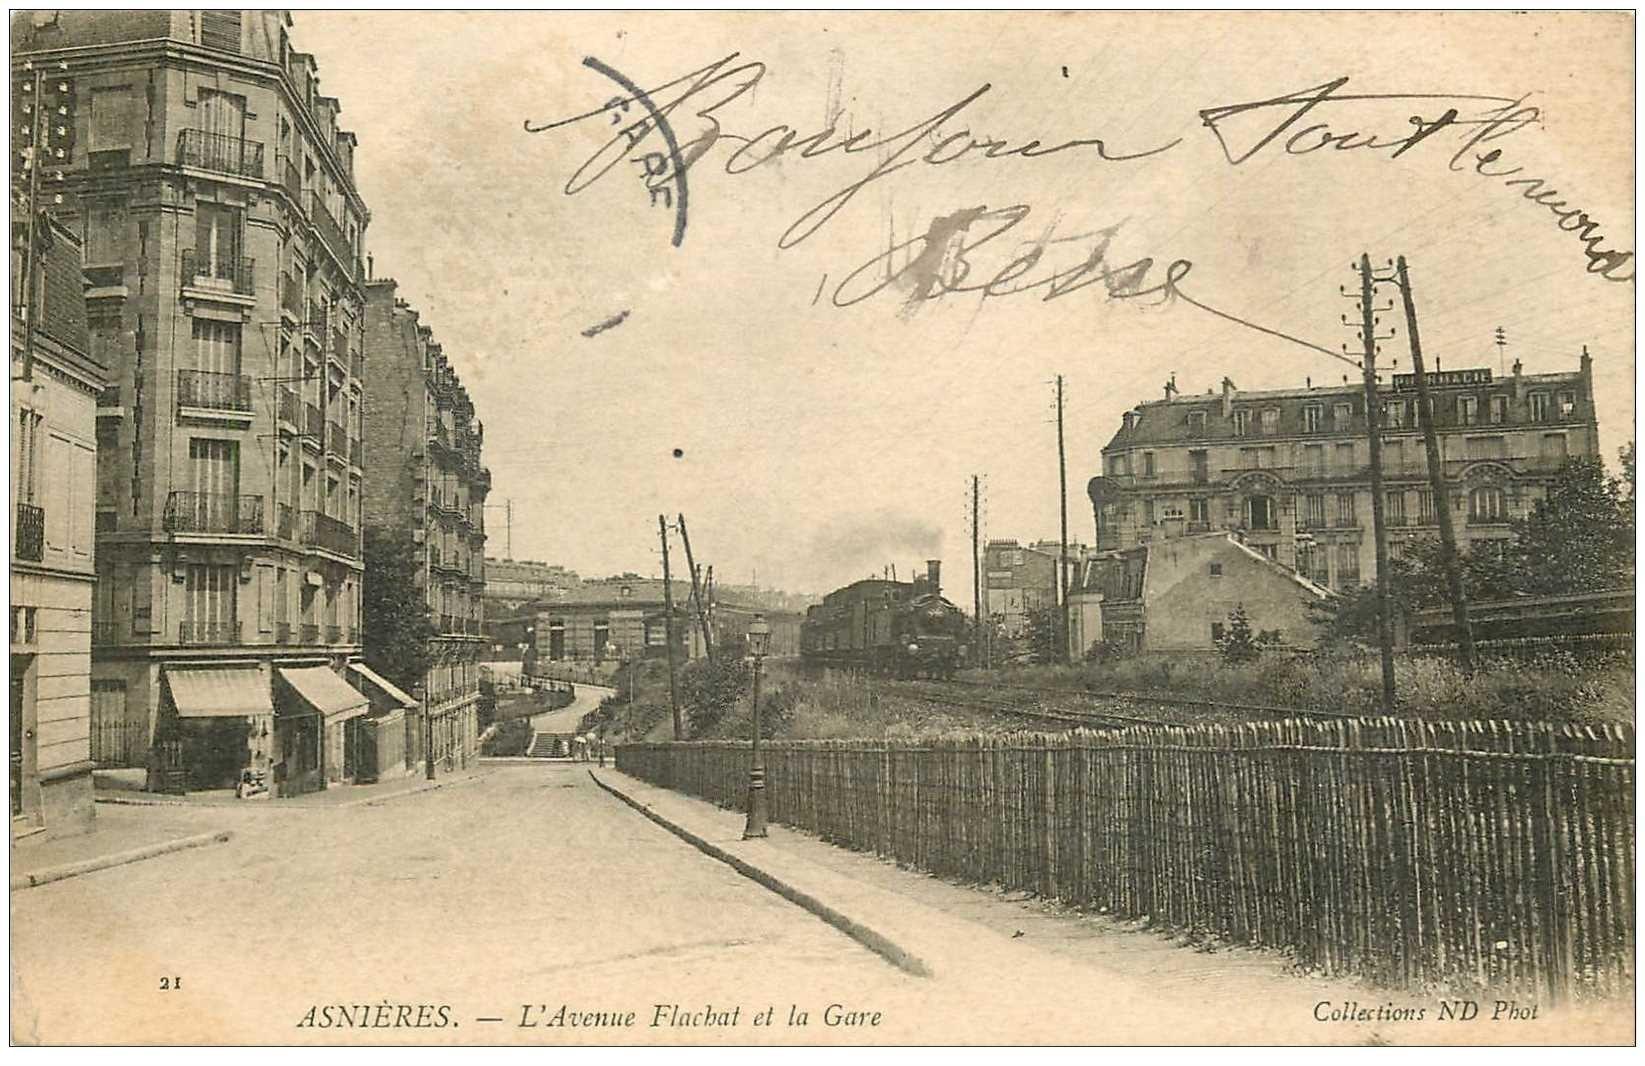 92 asnieres sur seine avenue flachat et la gare 1905. Black Bedroom Furniture Sets. Home Design Ideas